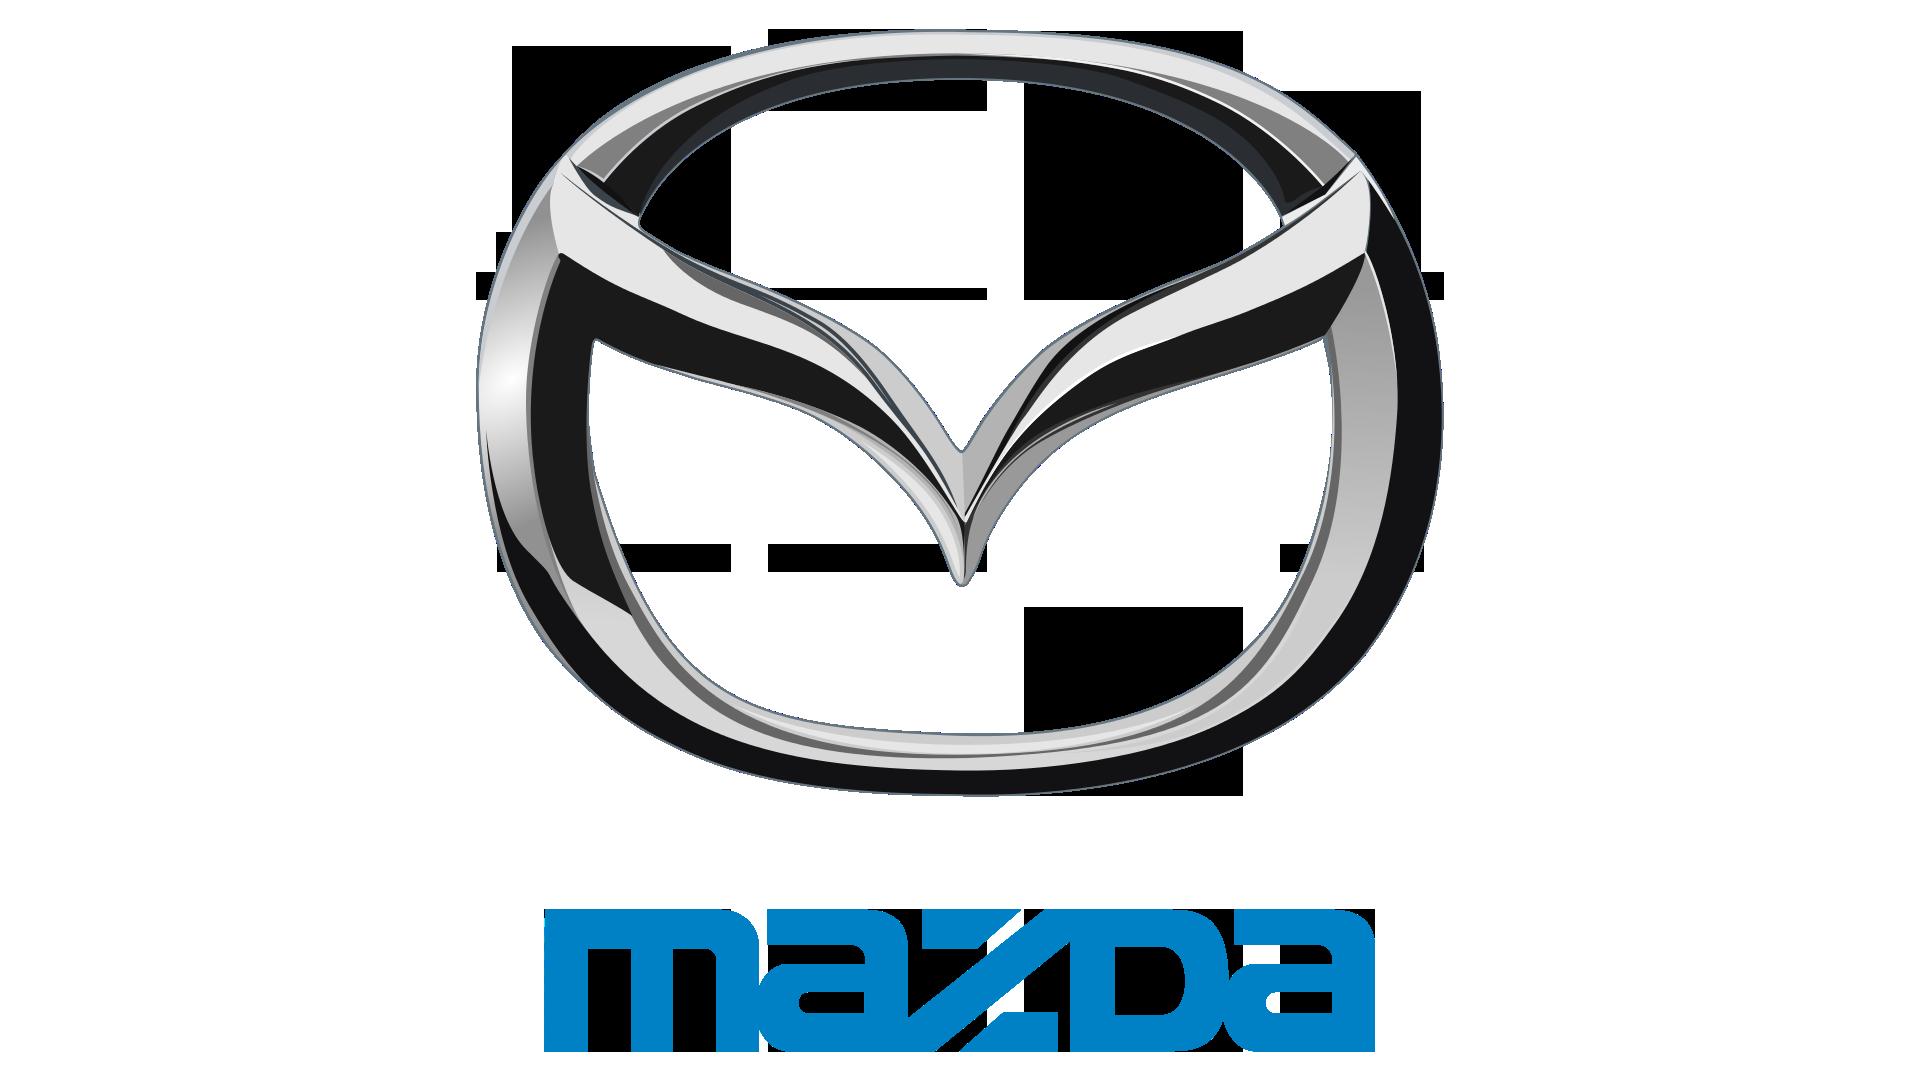 Mazda-logo-1997-1920x1080.png